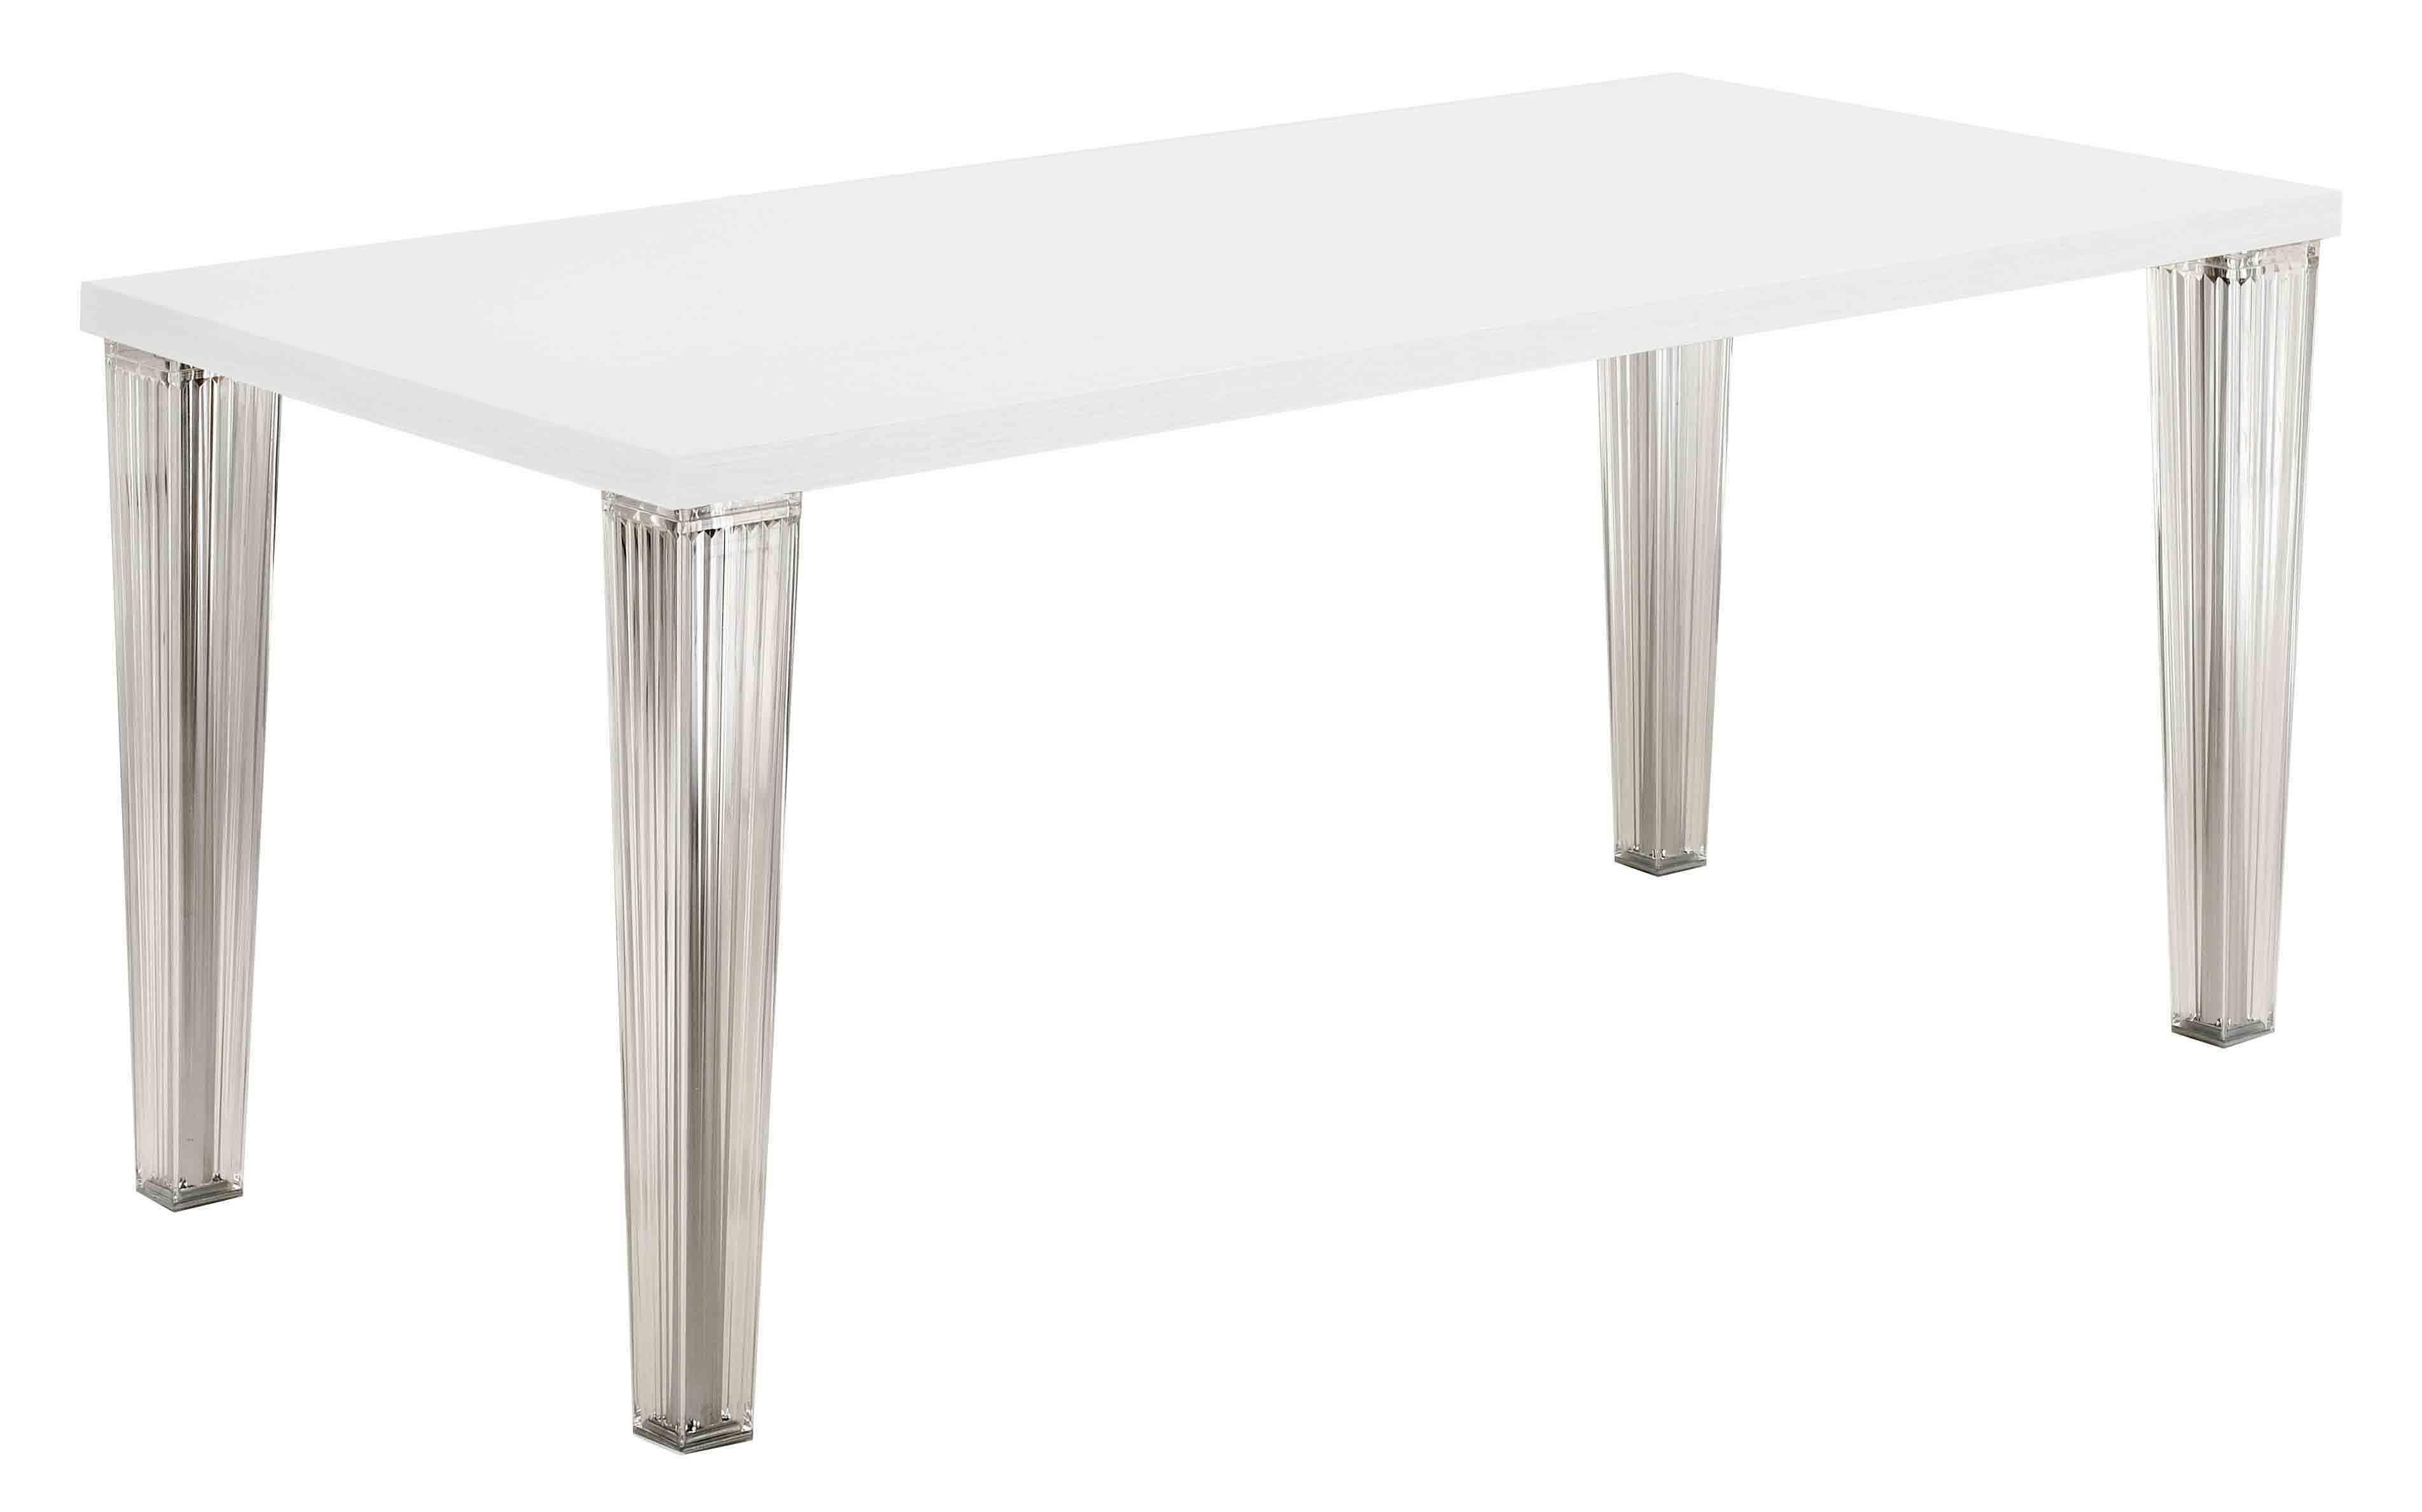 Möbel - Tische - Top Top rechteckiger Tisch 160 cm - Tischplatte lackiert - Kartell - Weiß - lackiertes Polyester, Polykarbonat